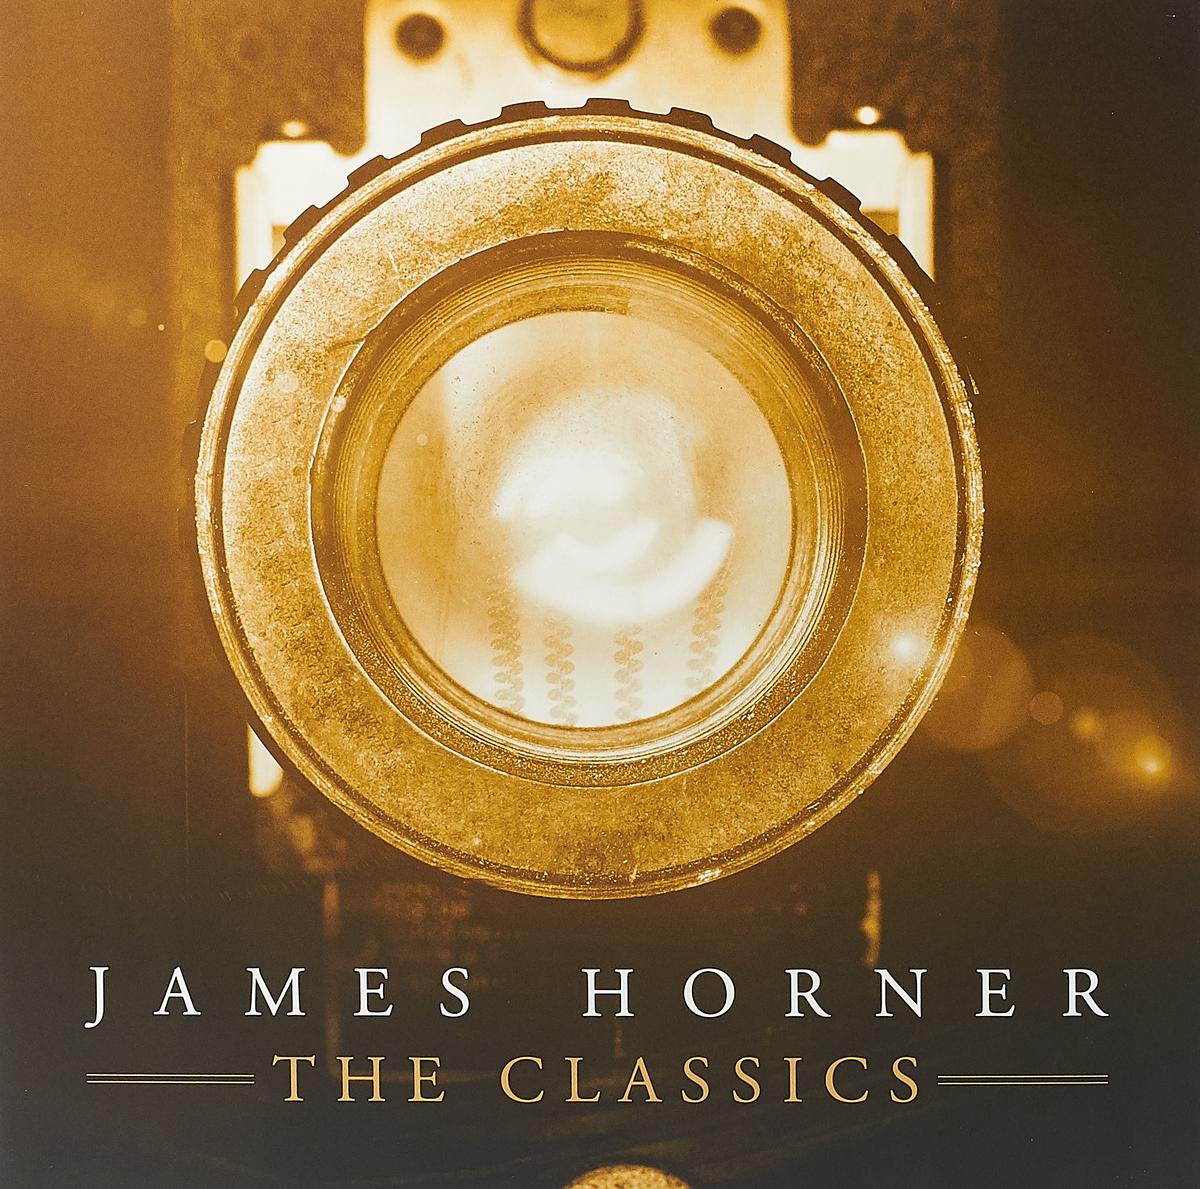 James Horner. The Classics (2LP) цена и фото